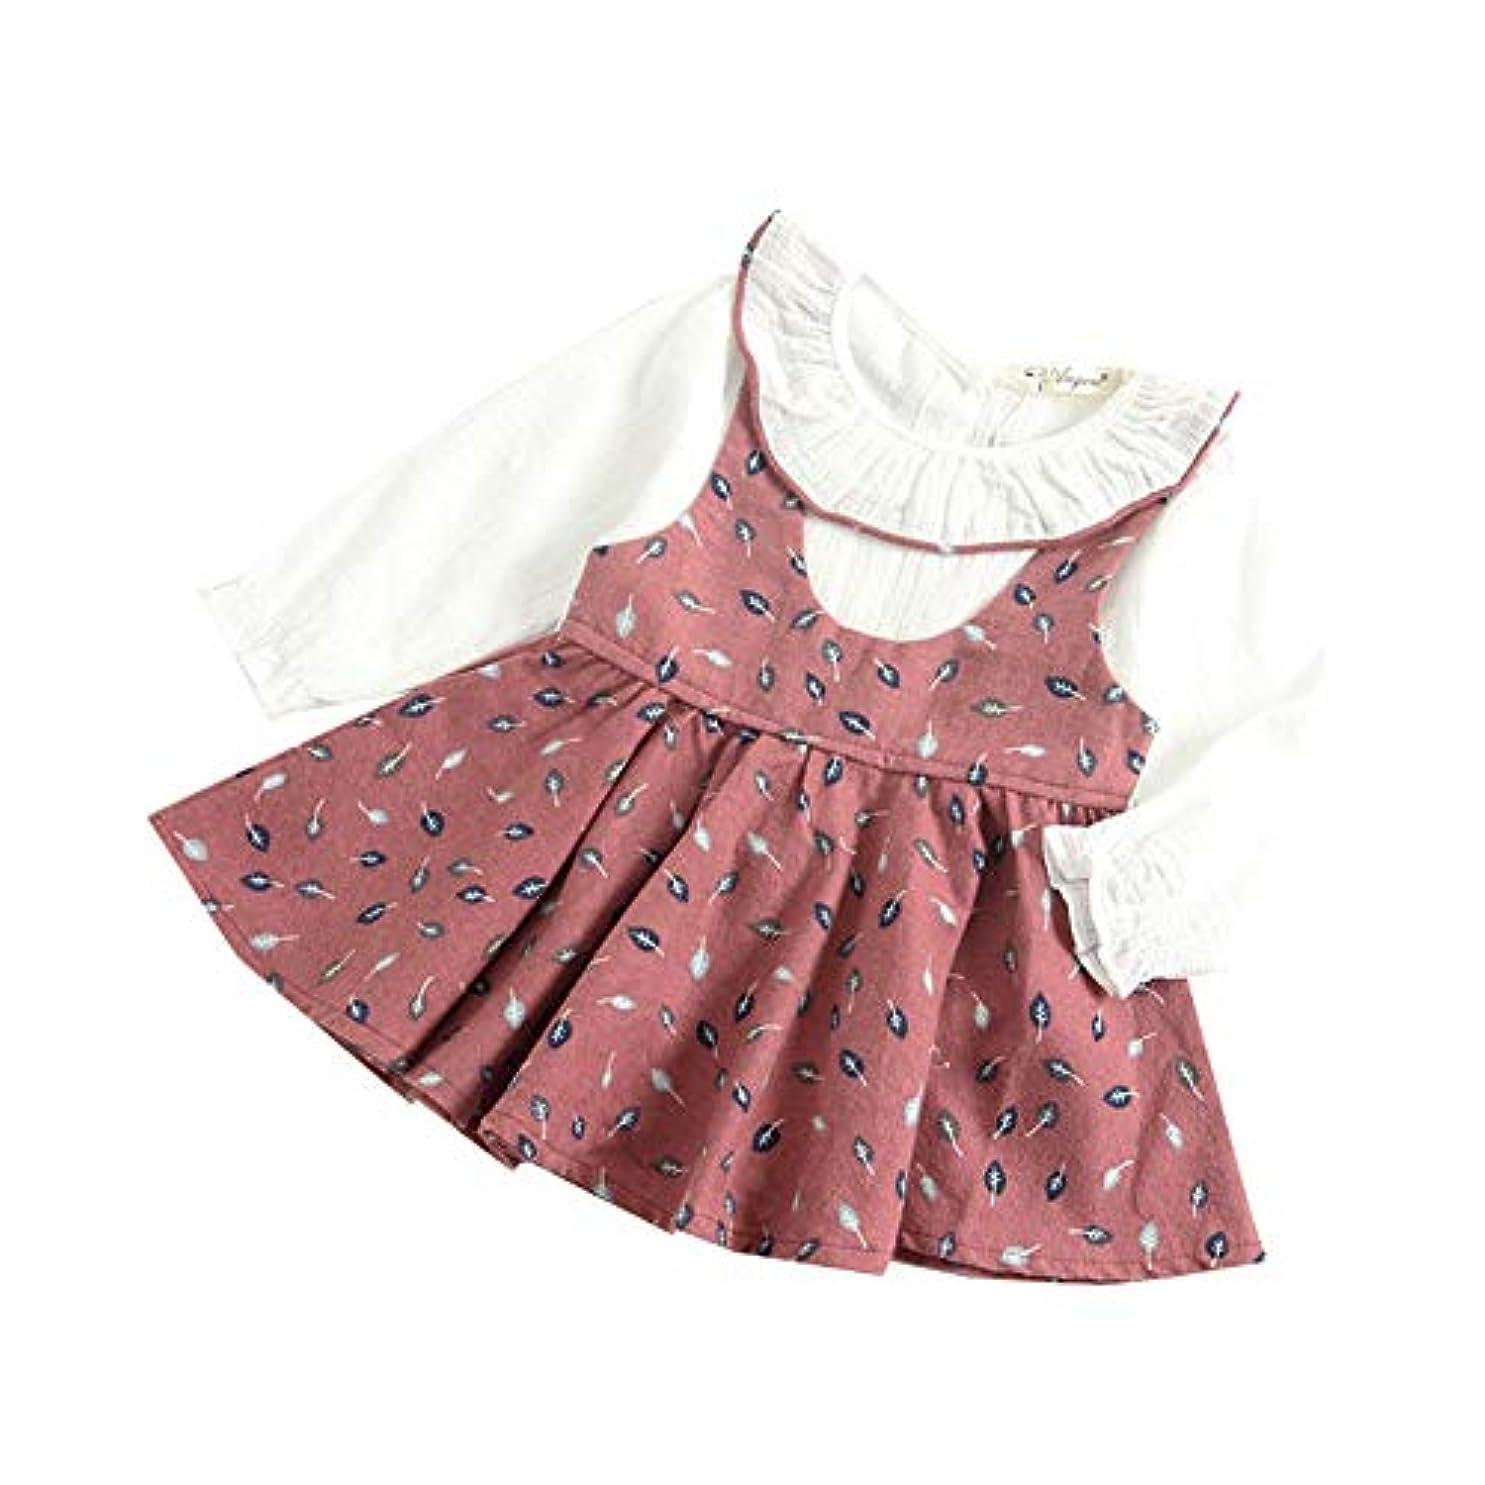 地球つかいます雇ったMornyray ベビー服 ワンピース ドレス 重ね着風 仮セット フリル 長袖 赤ちゃん コットン おしゃれ 総柄 女の子 幼児 0-3歳